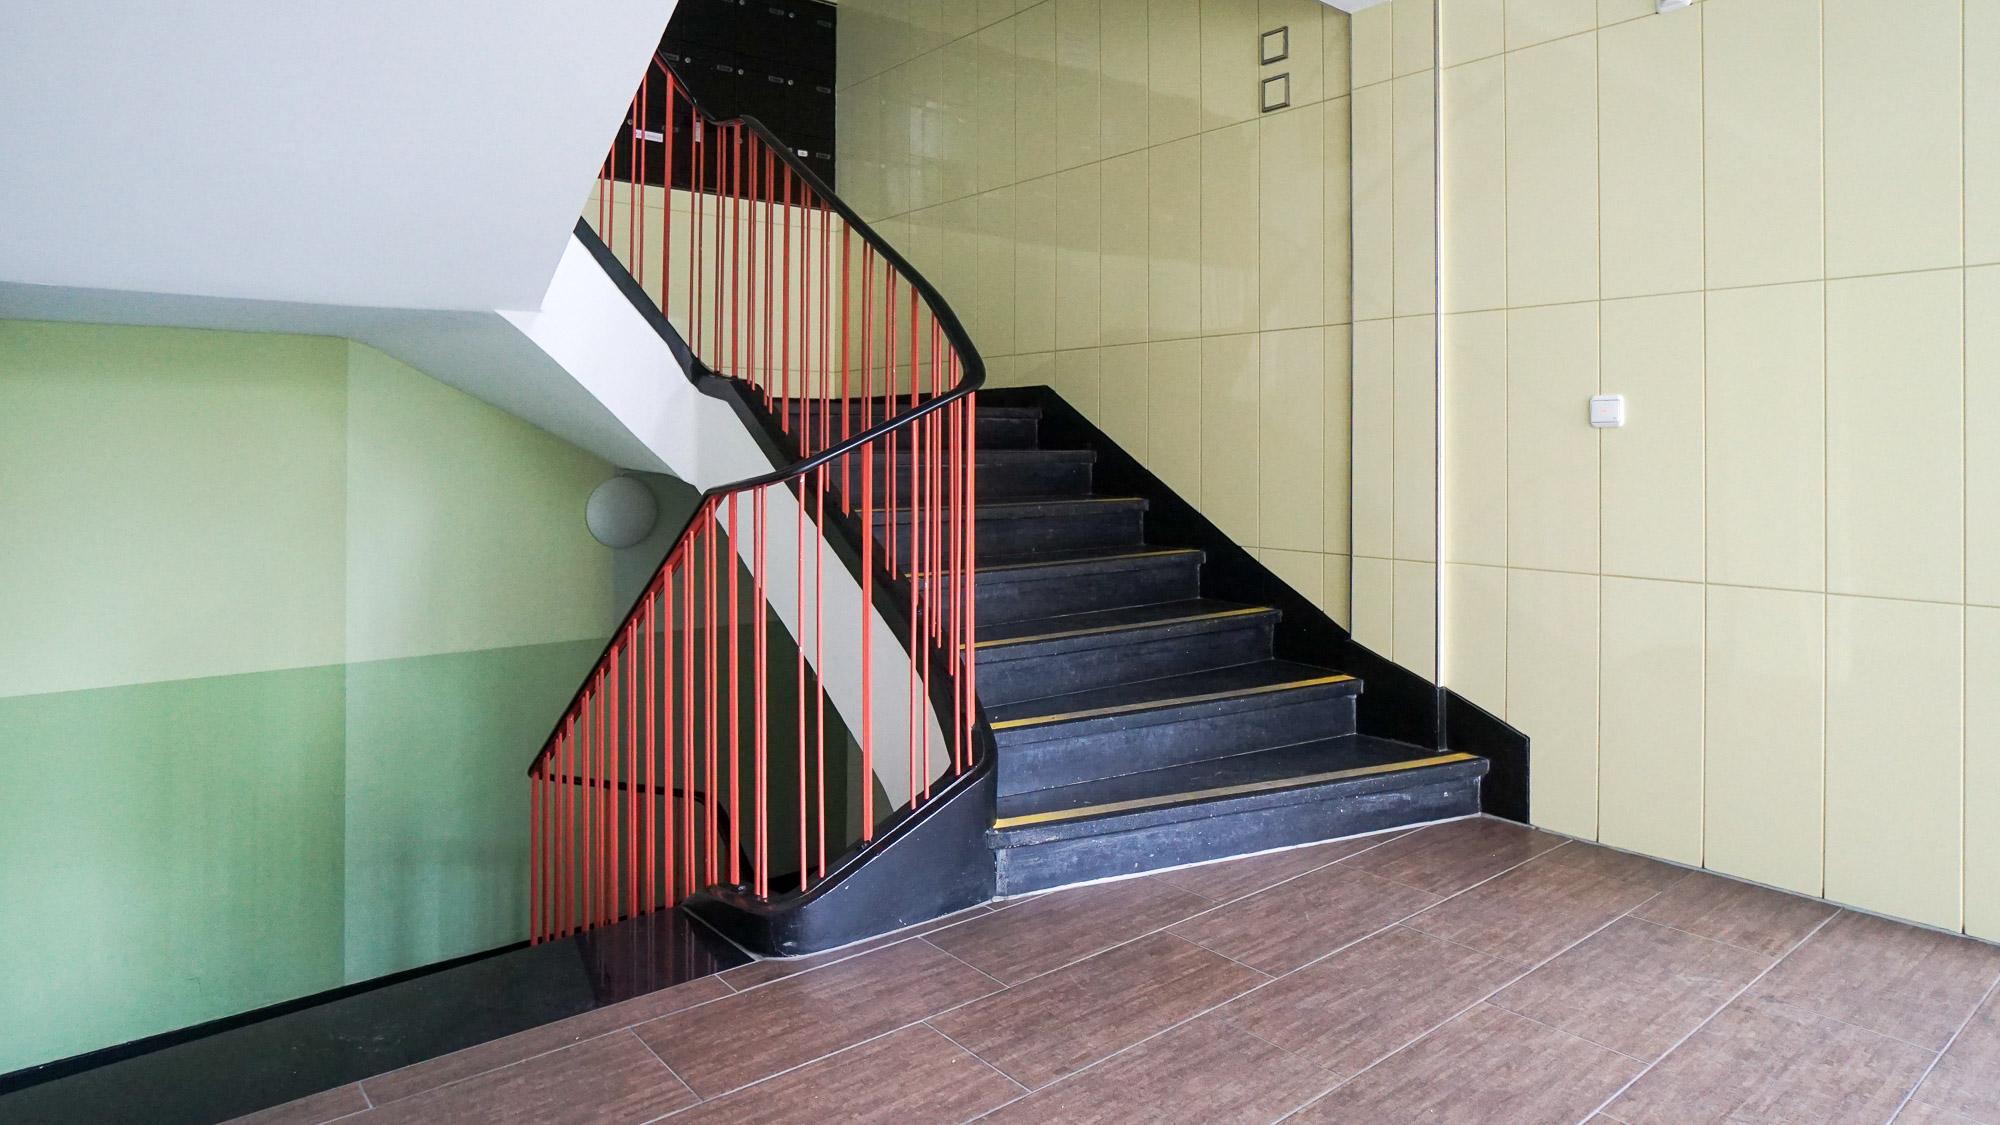 Treppenhaus mit gelben Wandkacheln und rotem Treppengeländer